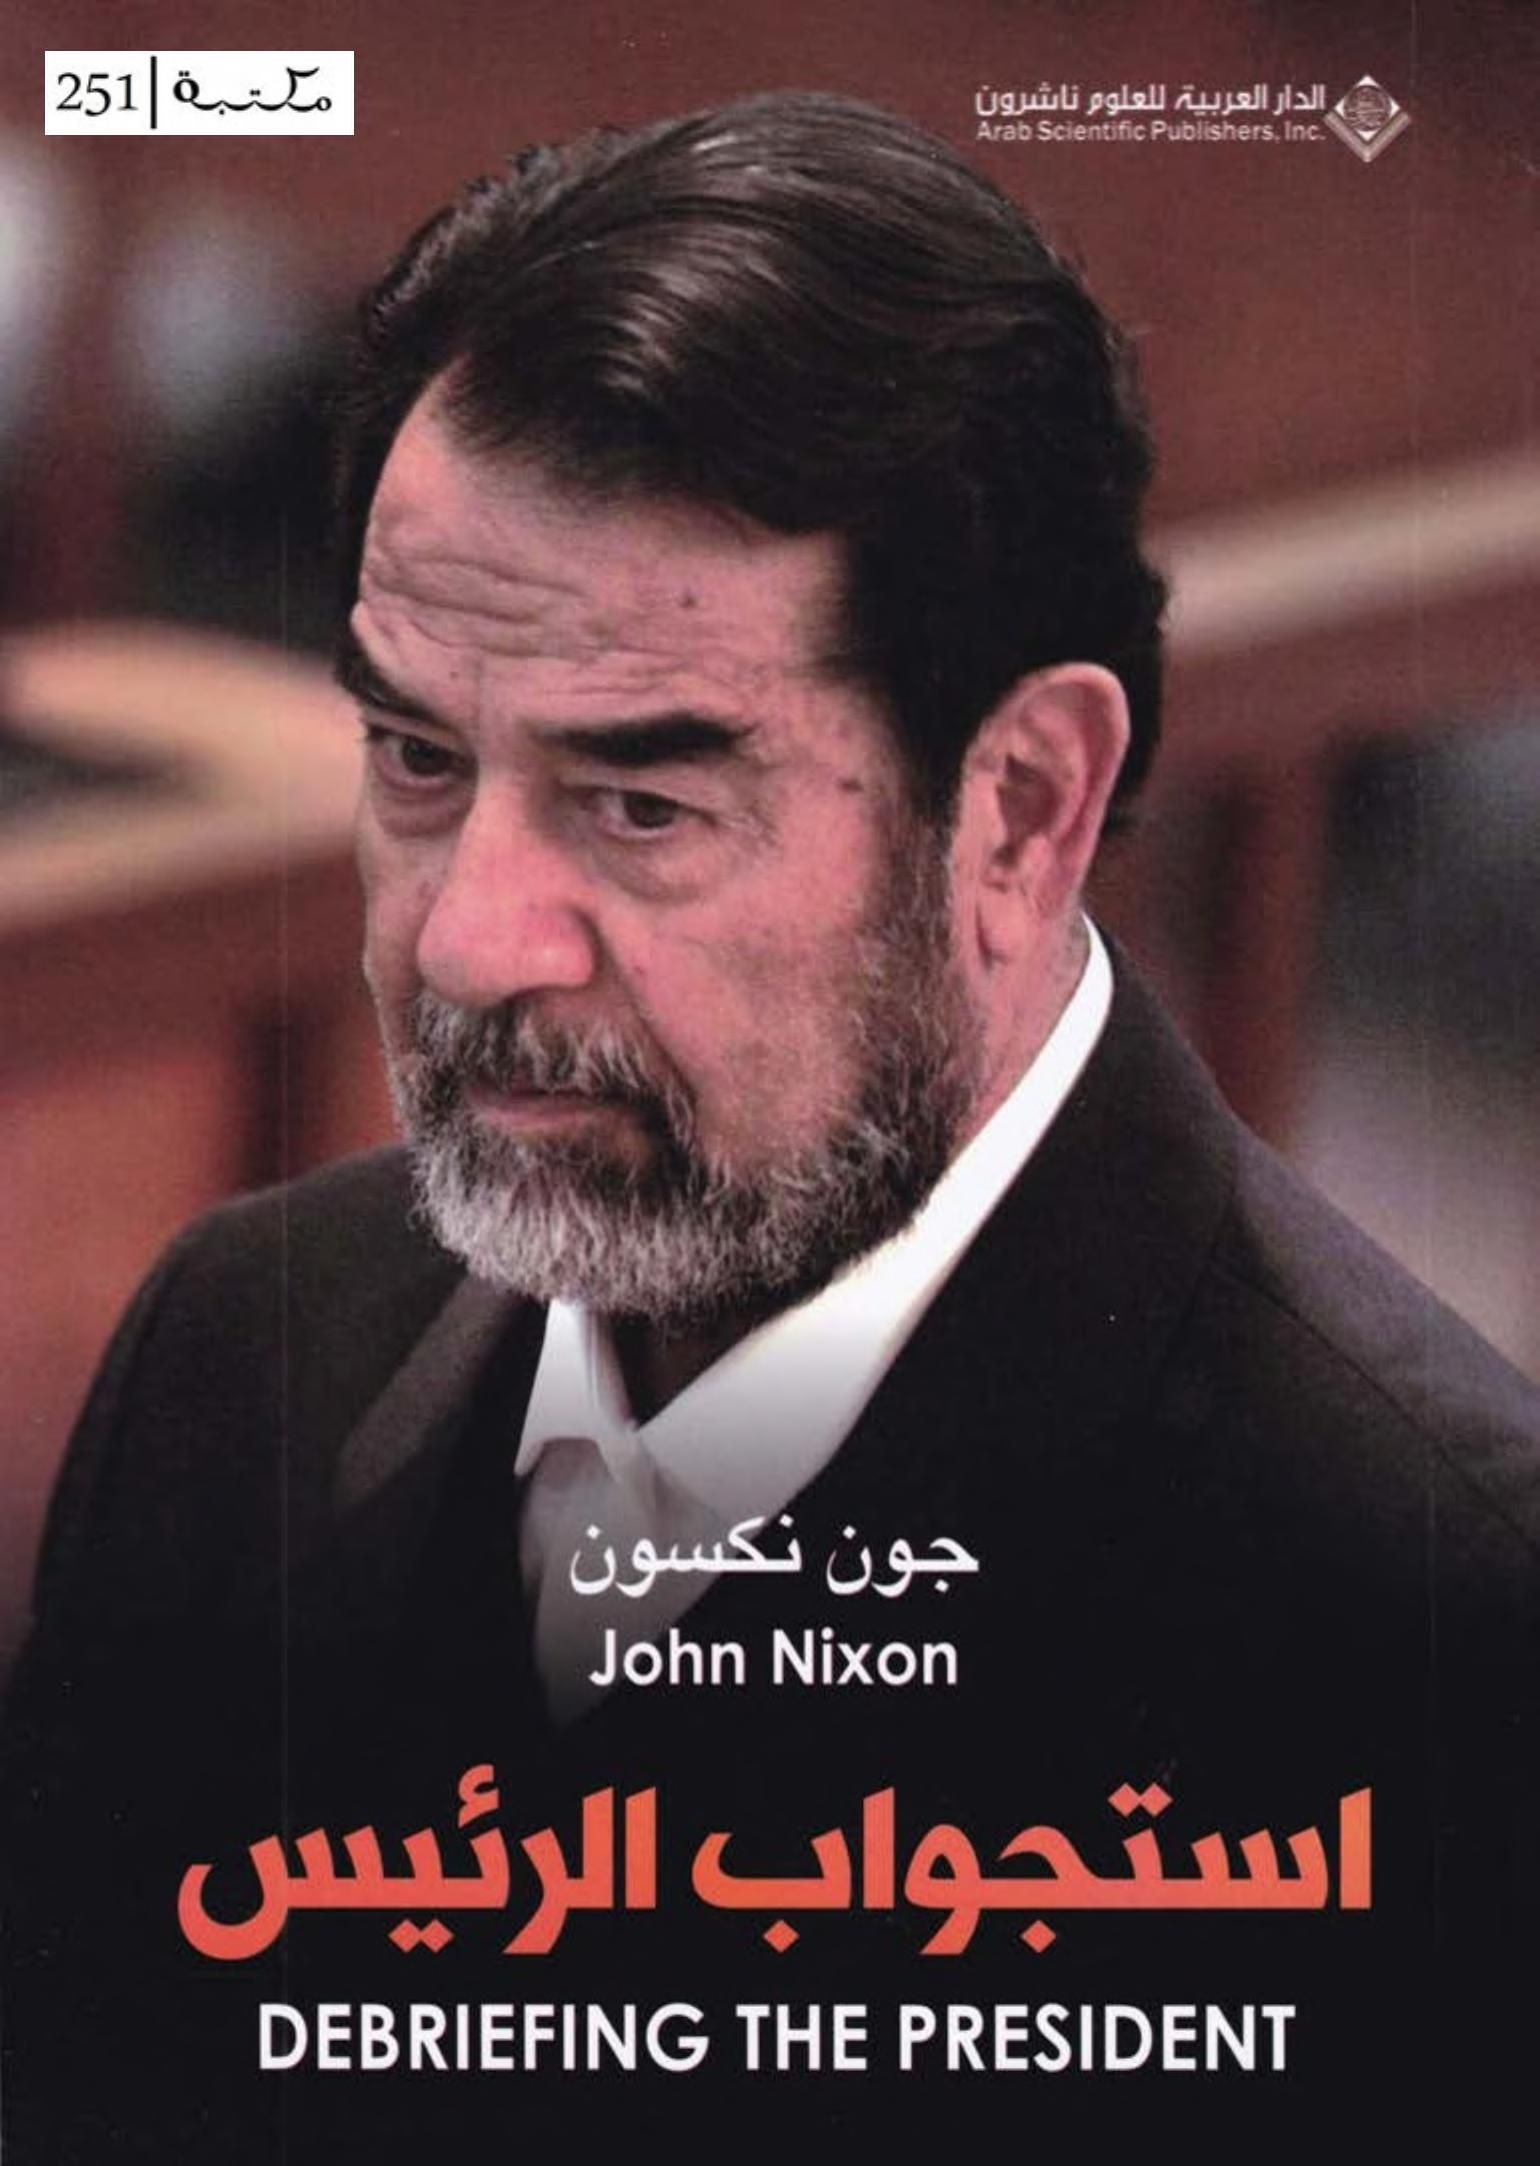 استجواب الرئيس جون نكسون Free Download Borrow And Streaming Internet Archive Arabic Books Pdf Books Reading Free Books Download